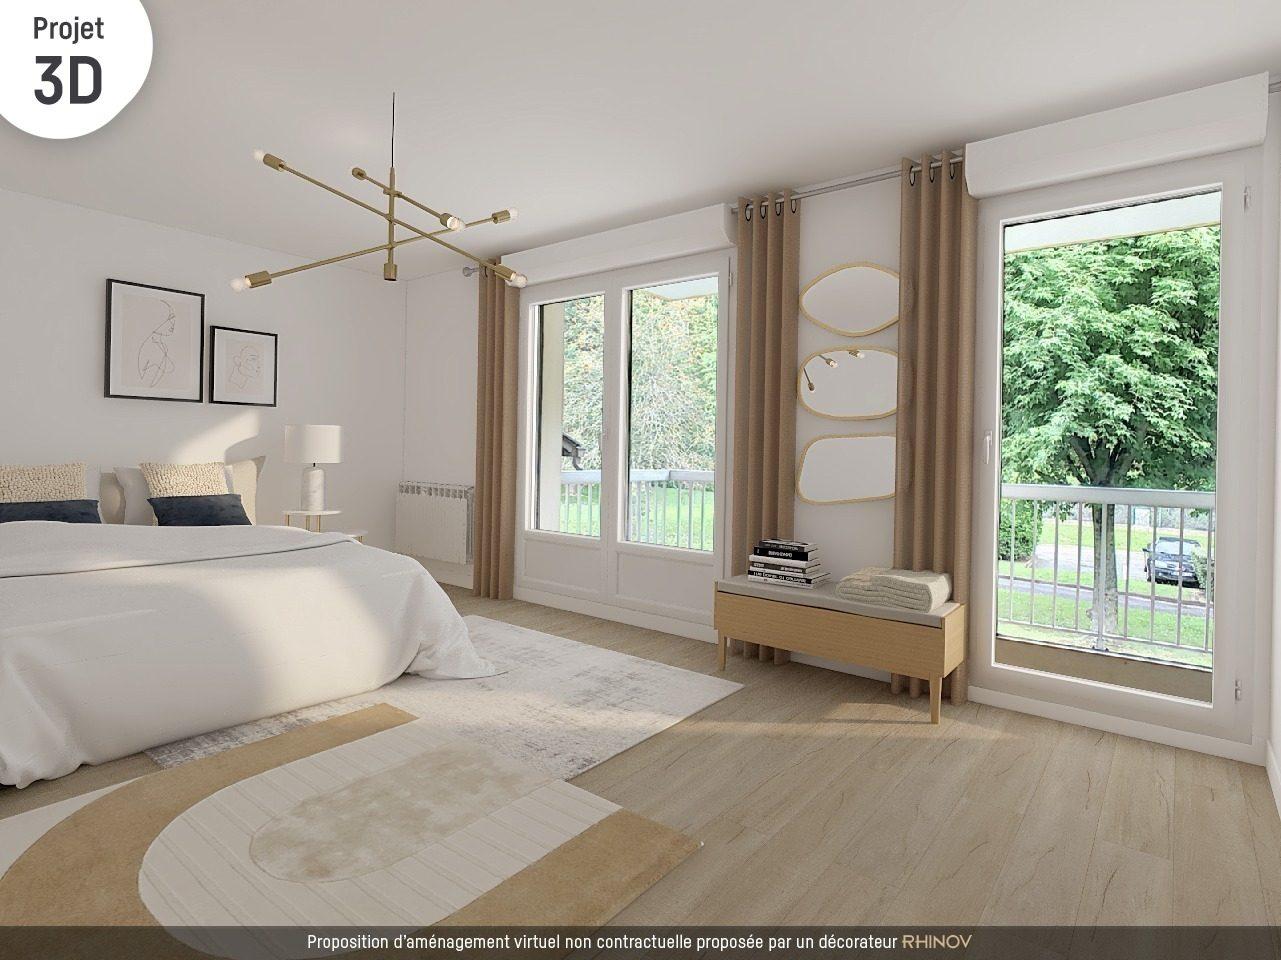 Appartement traversant 4 pièces 97,5m2 à Oberhausbergen - Devenez propriétaire en toute confiance - Bintz Immobilier - 1